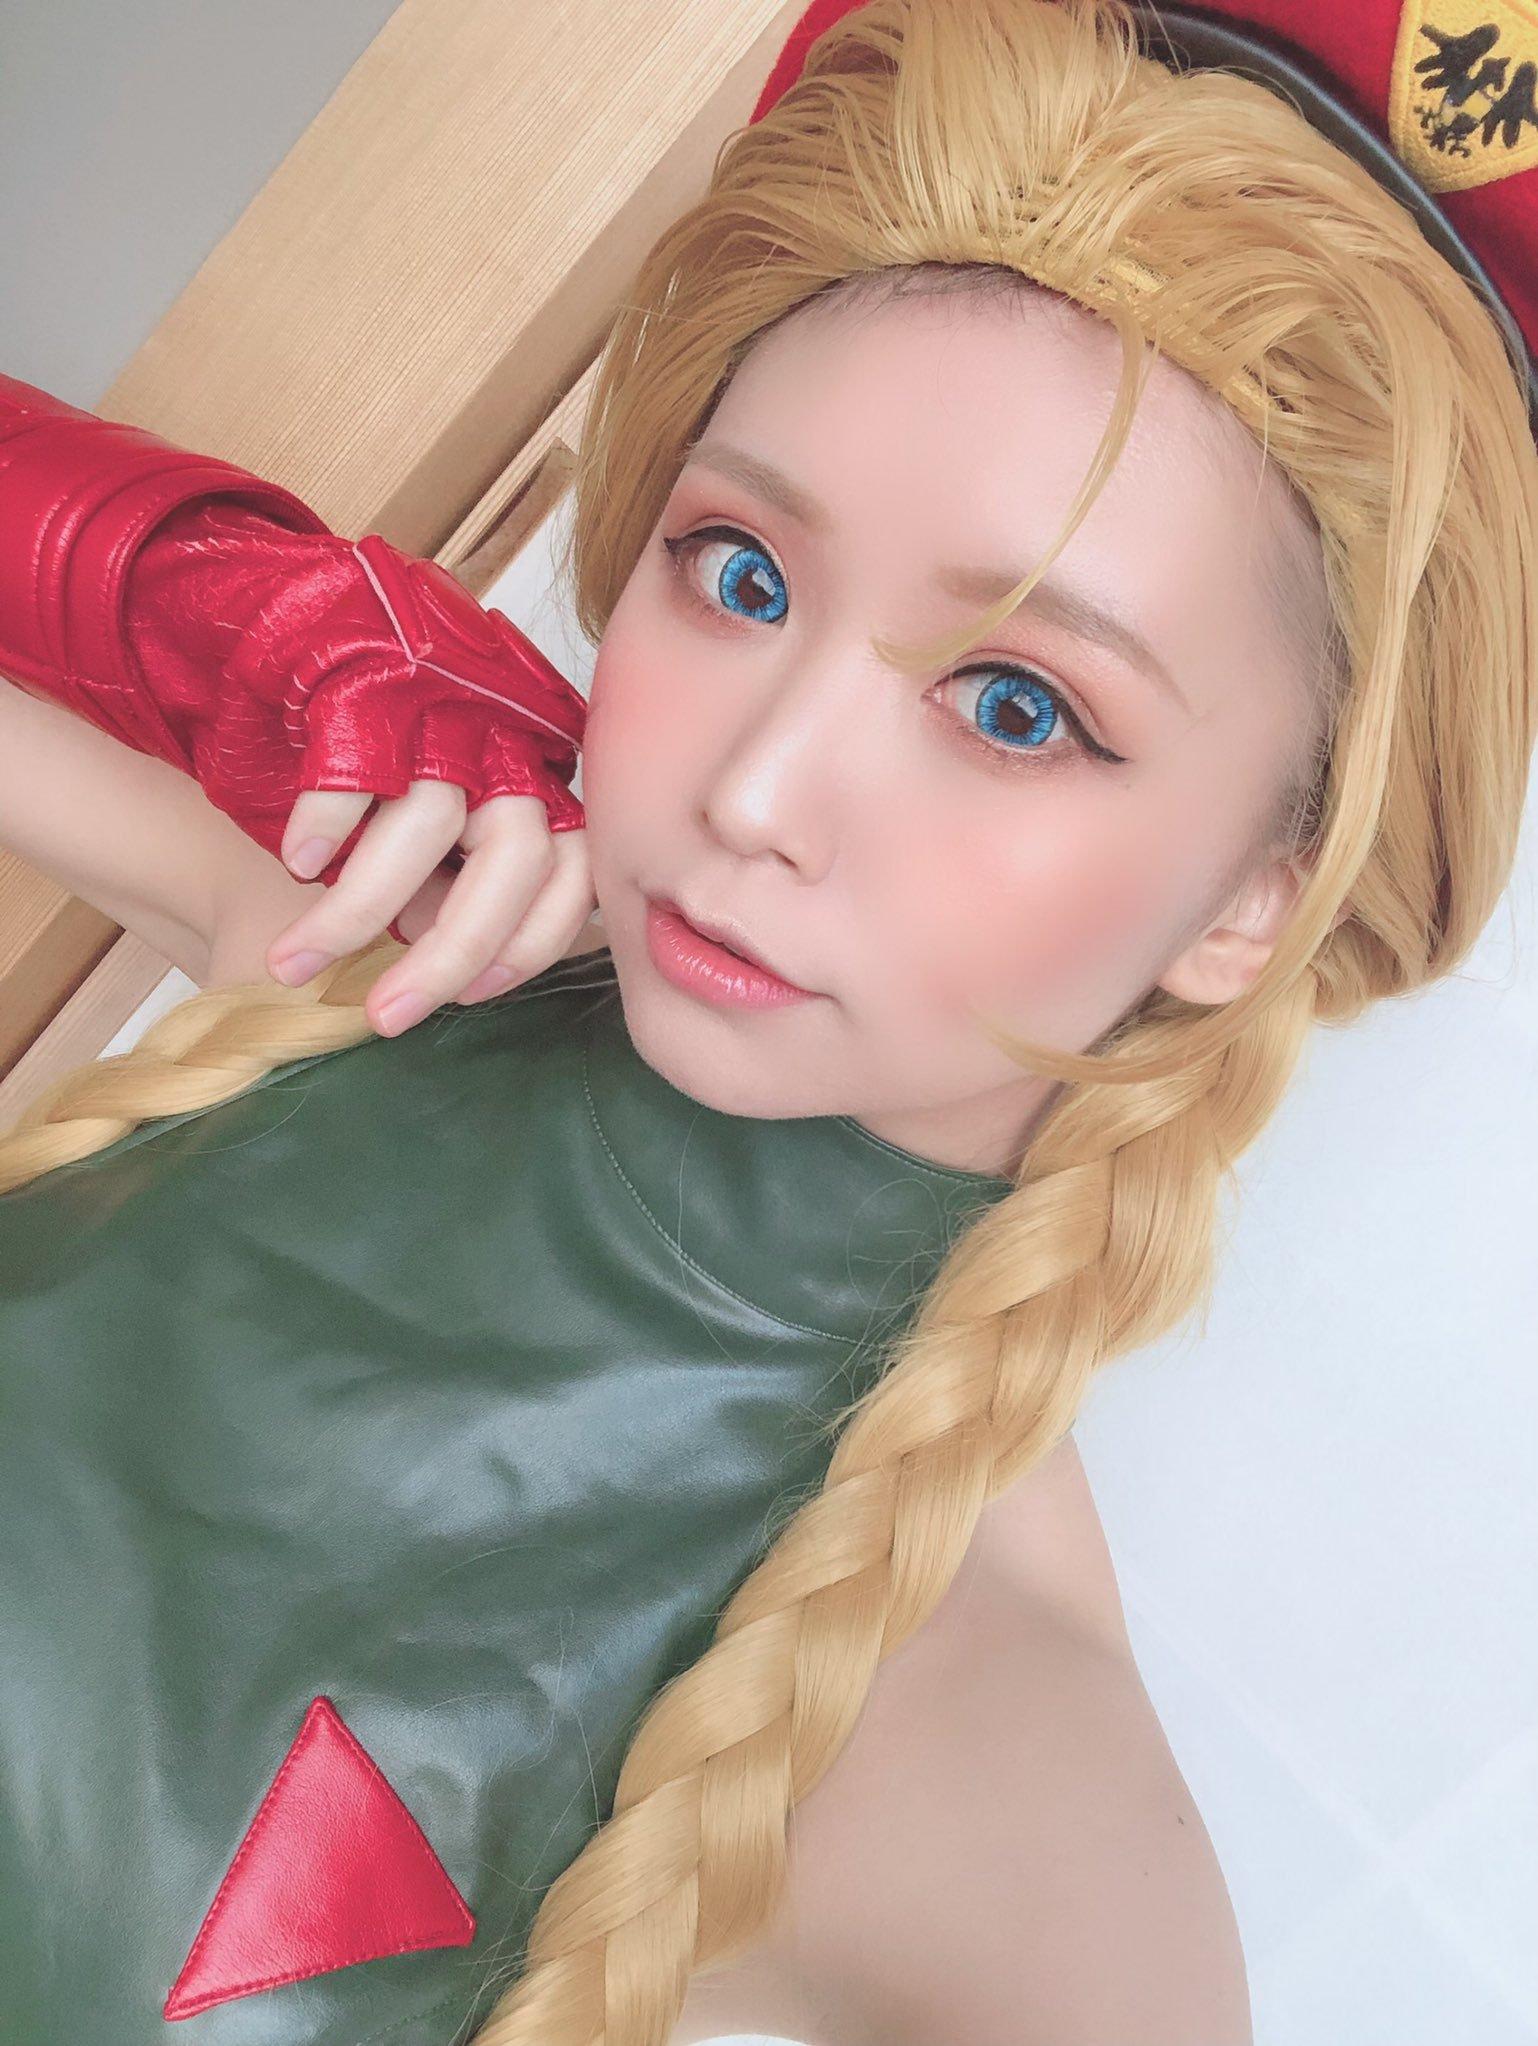 itsuki_akira 1223585197645385729_p0